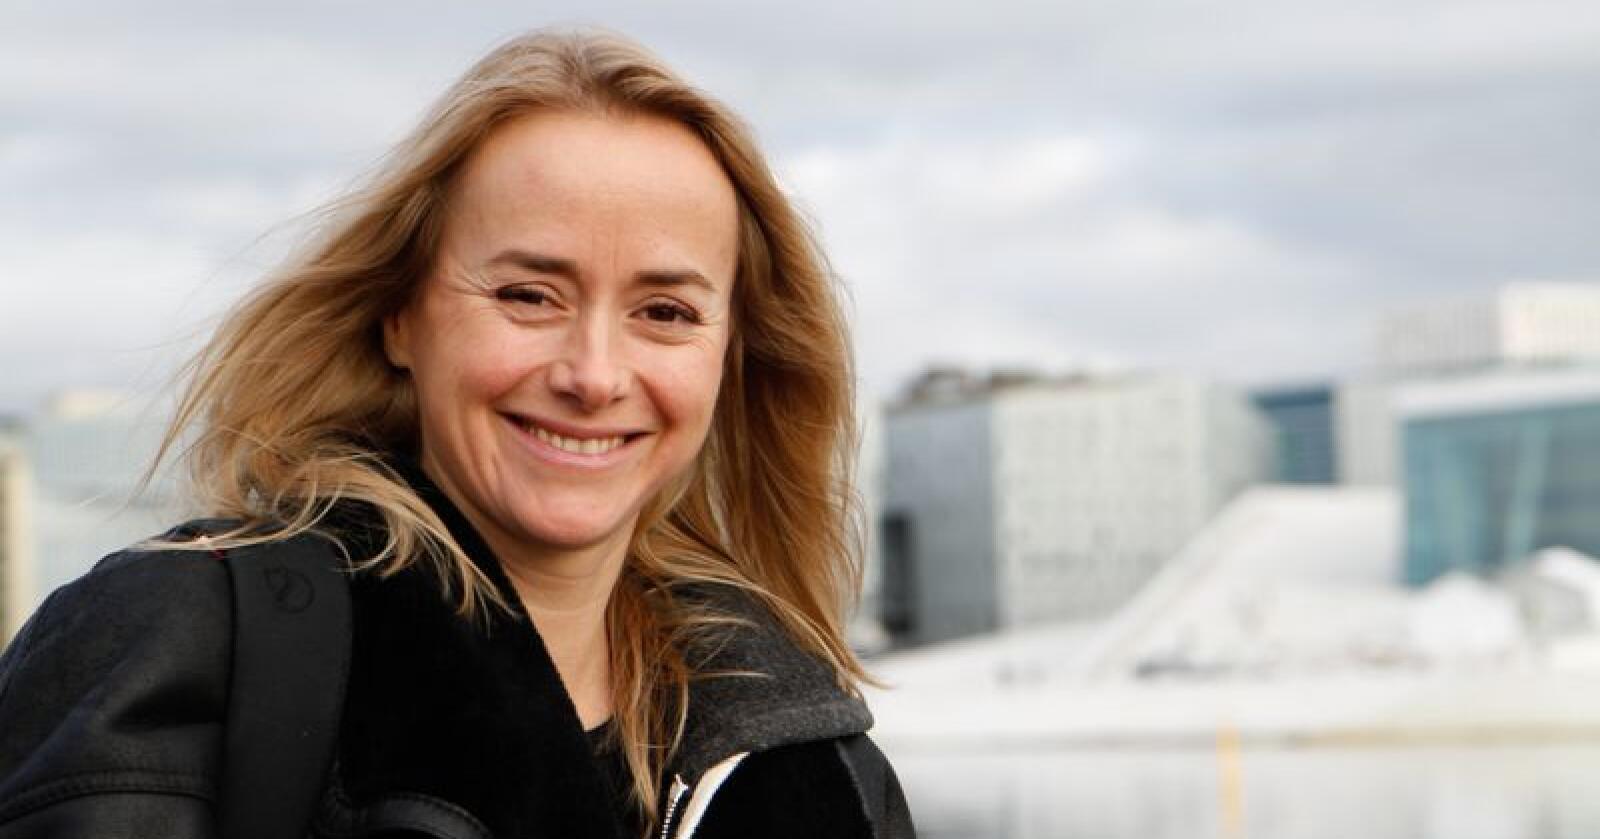 Tale Maria Krohn Engvik er mest kjent som Helsesista frå Snapchat. No får ho Dialektprisen 2019 av Noregs Målungdom. Foto: Beate Haugtrø / NPK